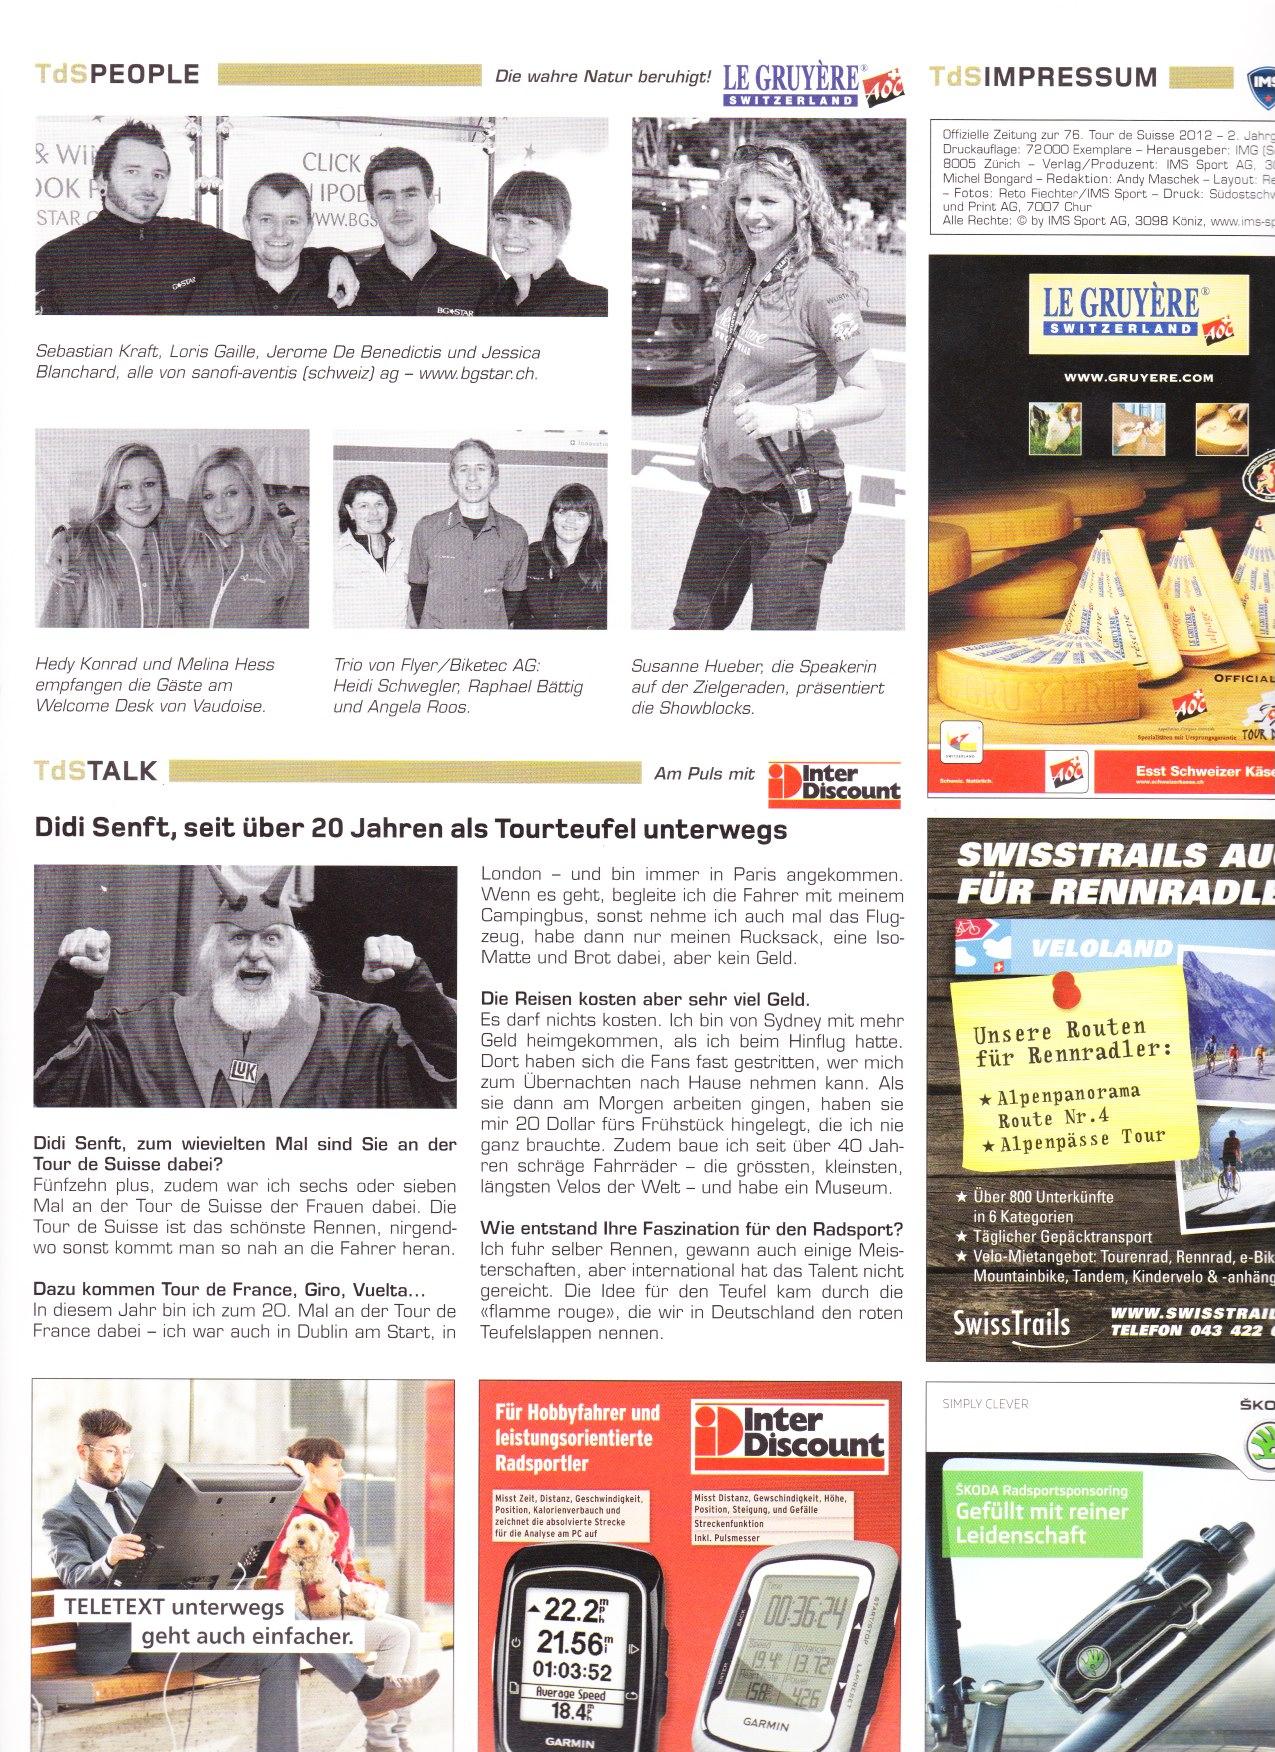 Tour de Suisse Magazin